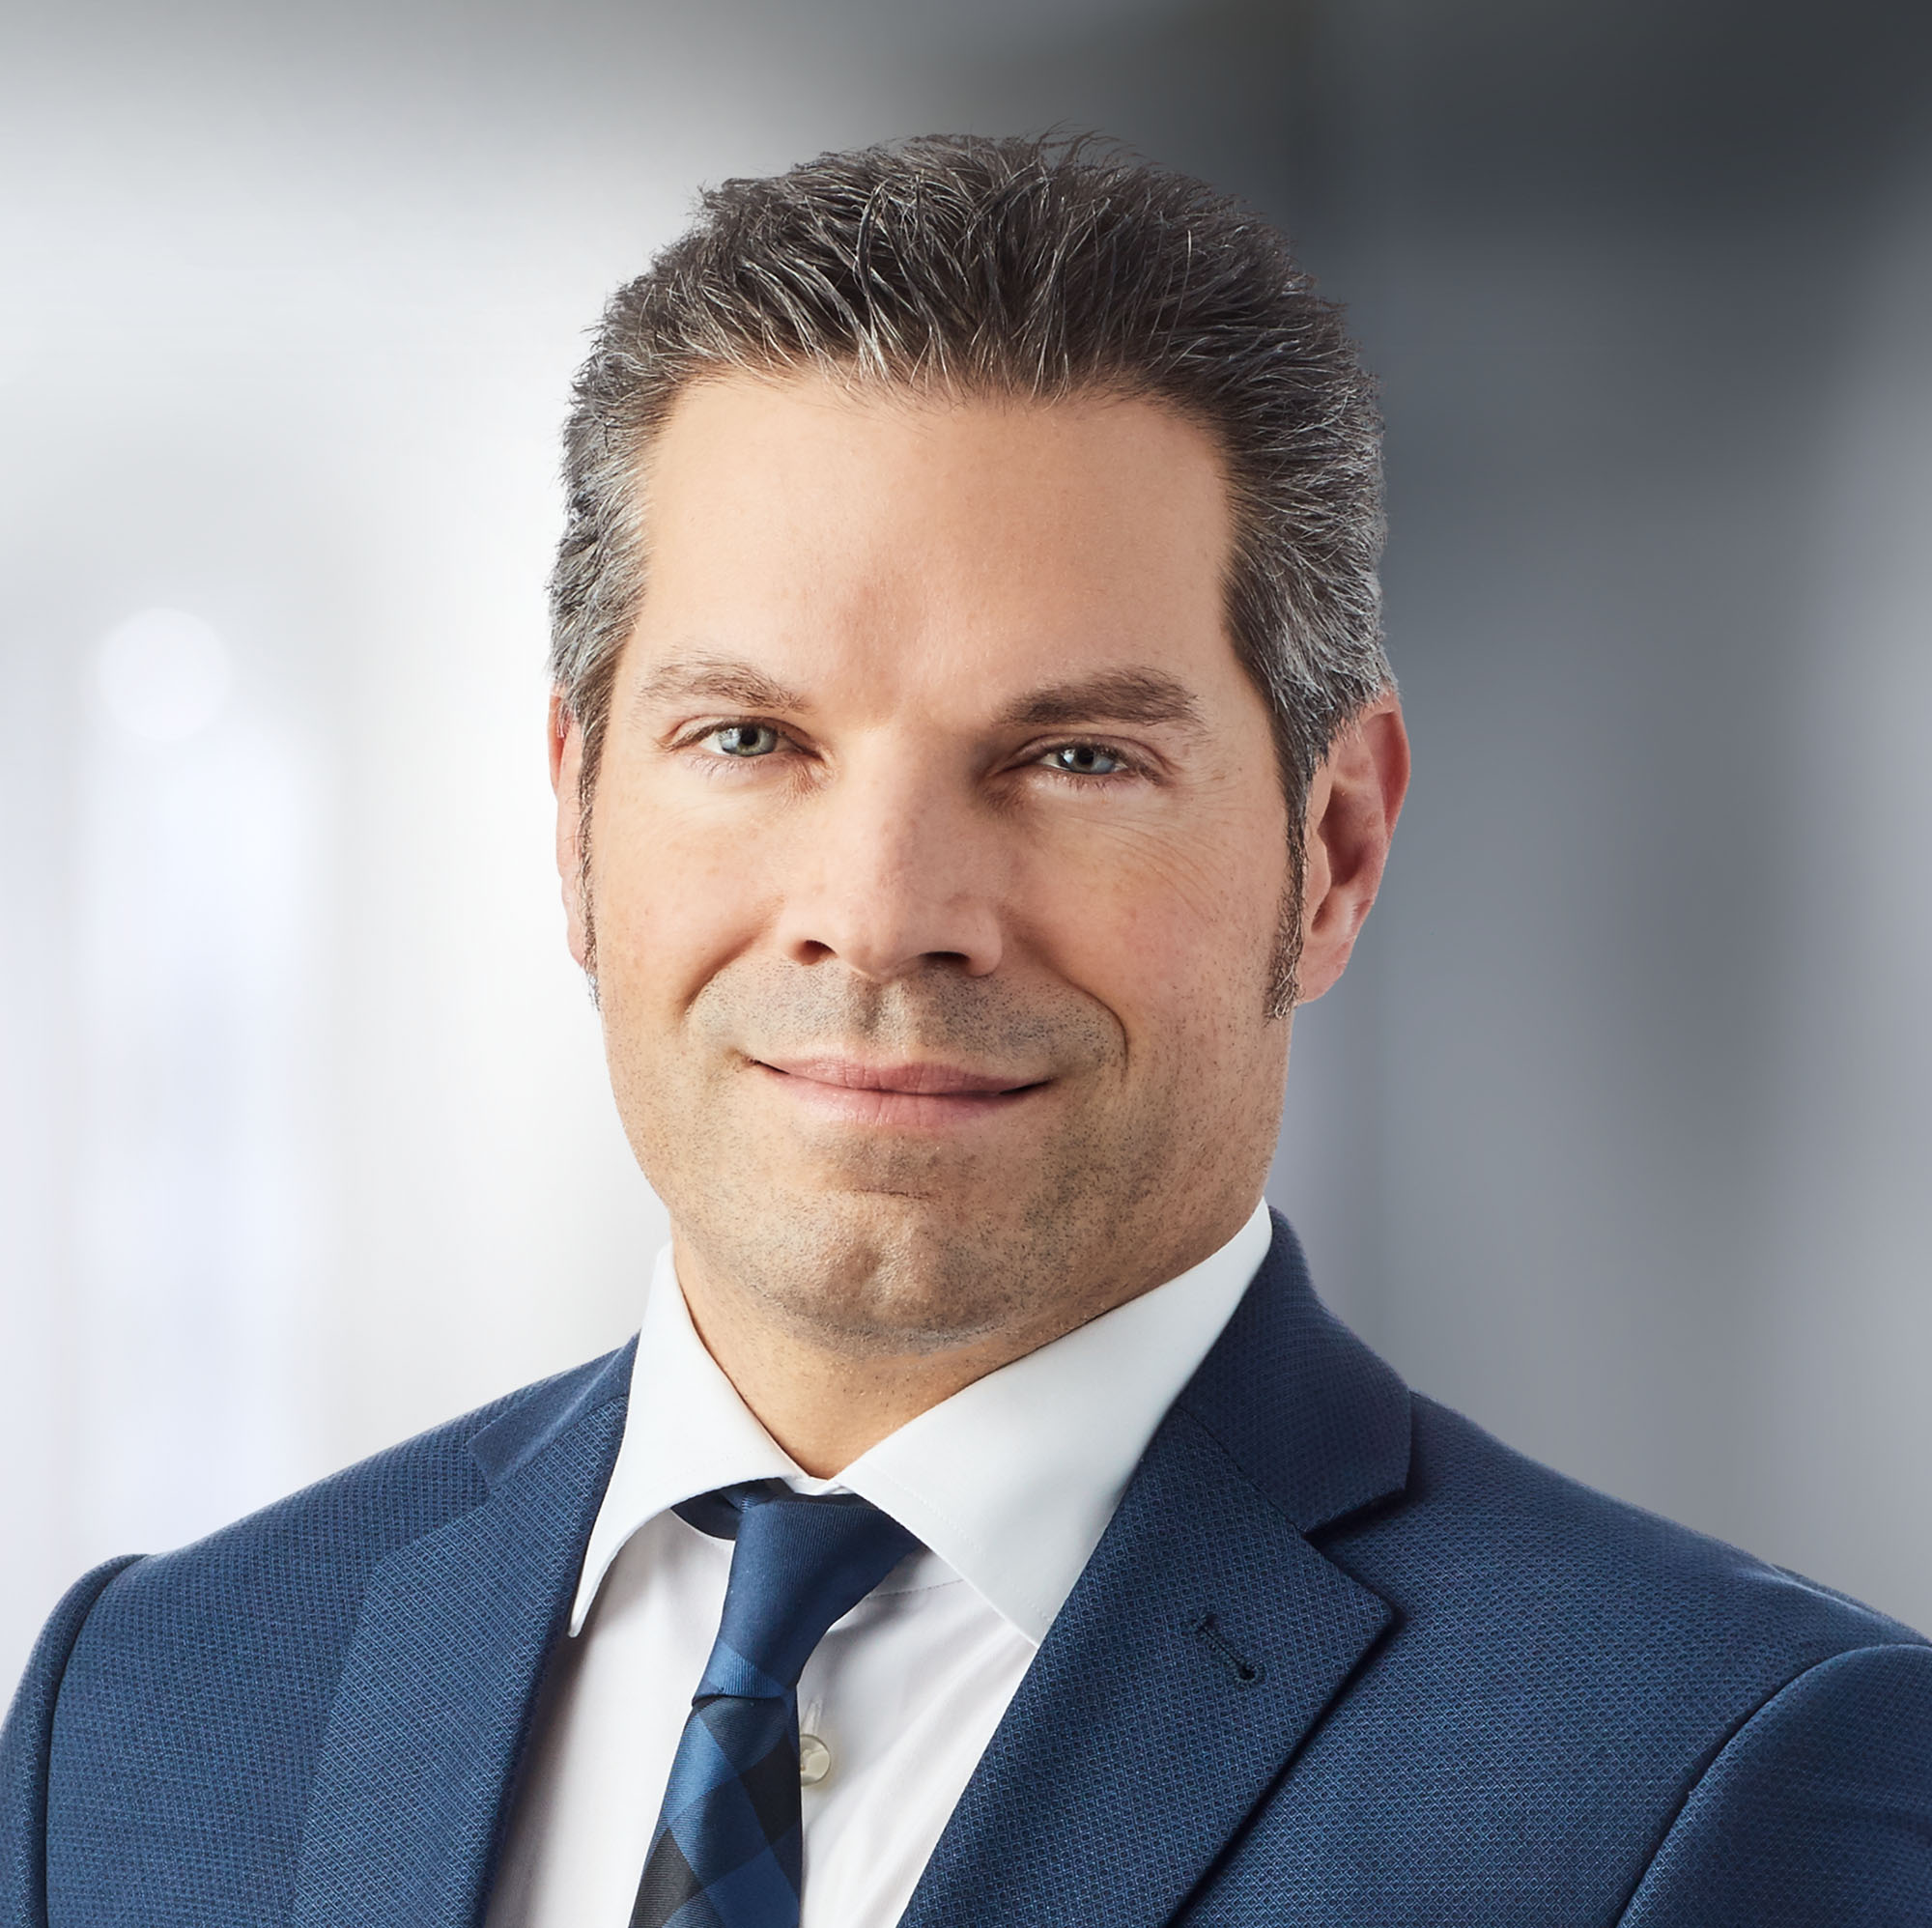 Jean-Guillaume Shooner